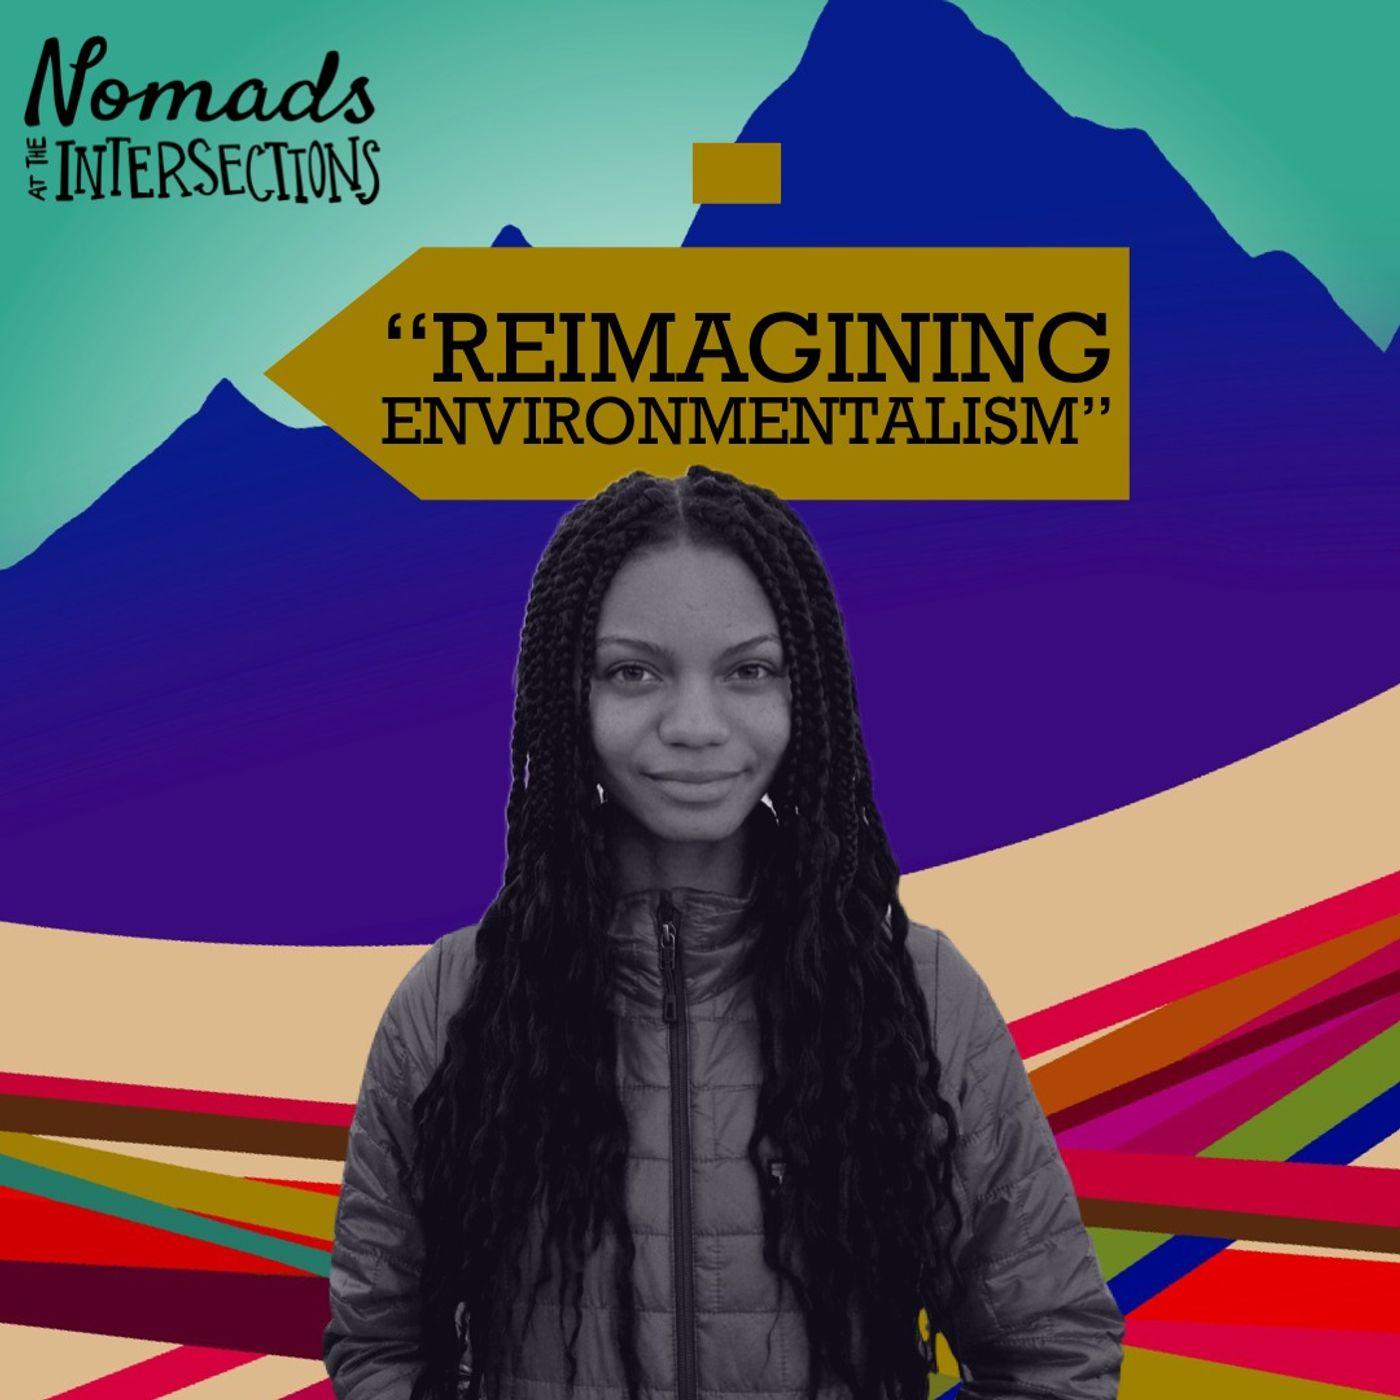 Reimagining Environmentalism